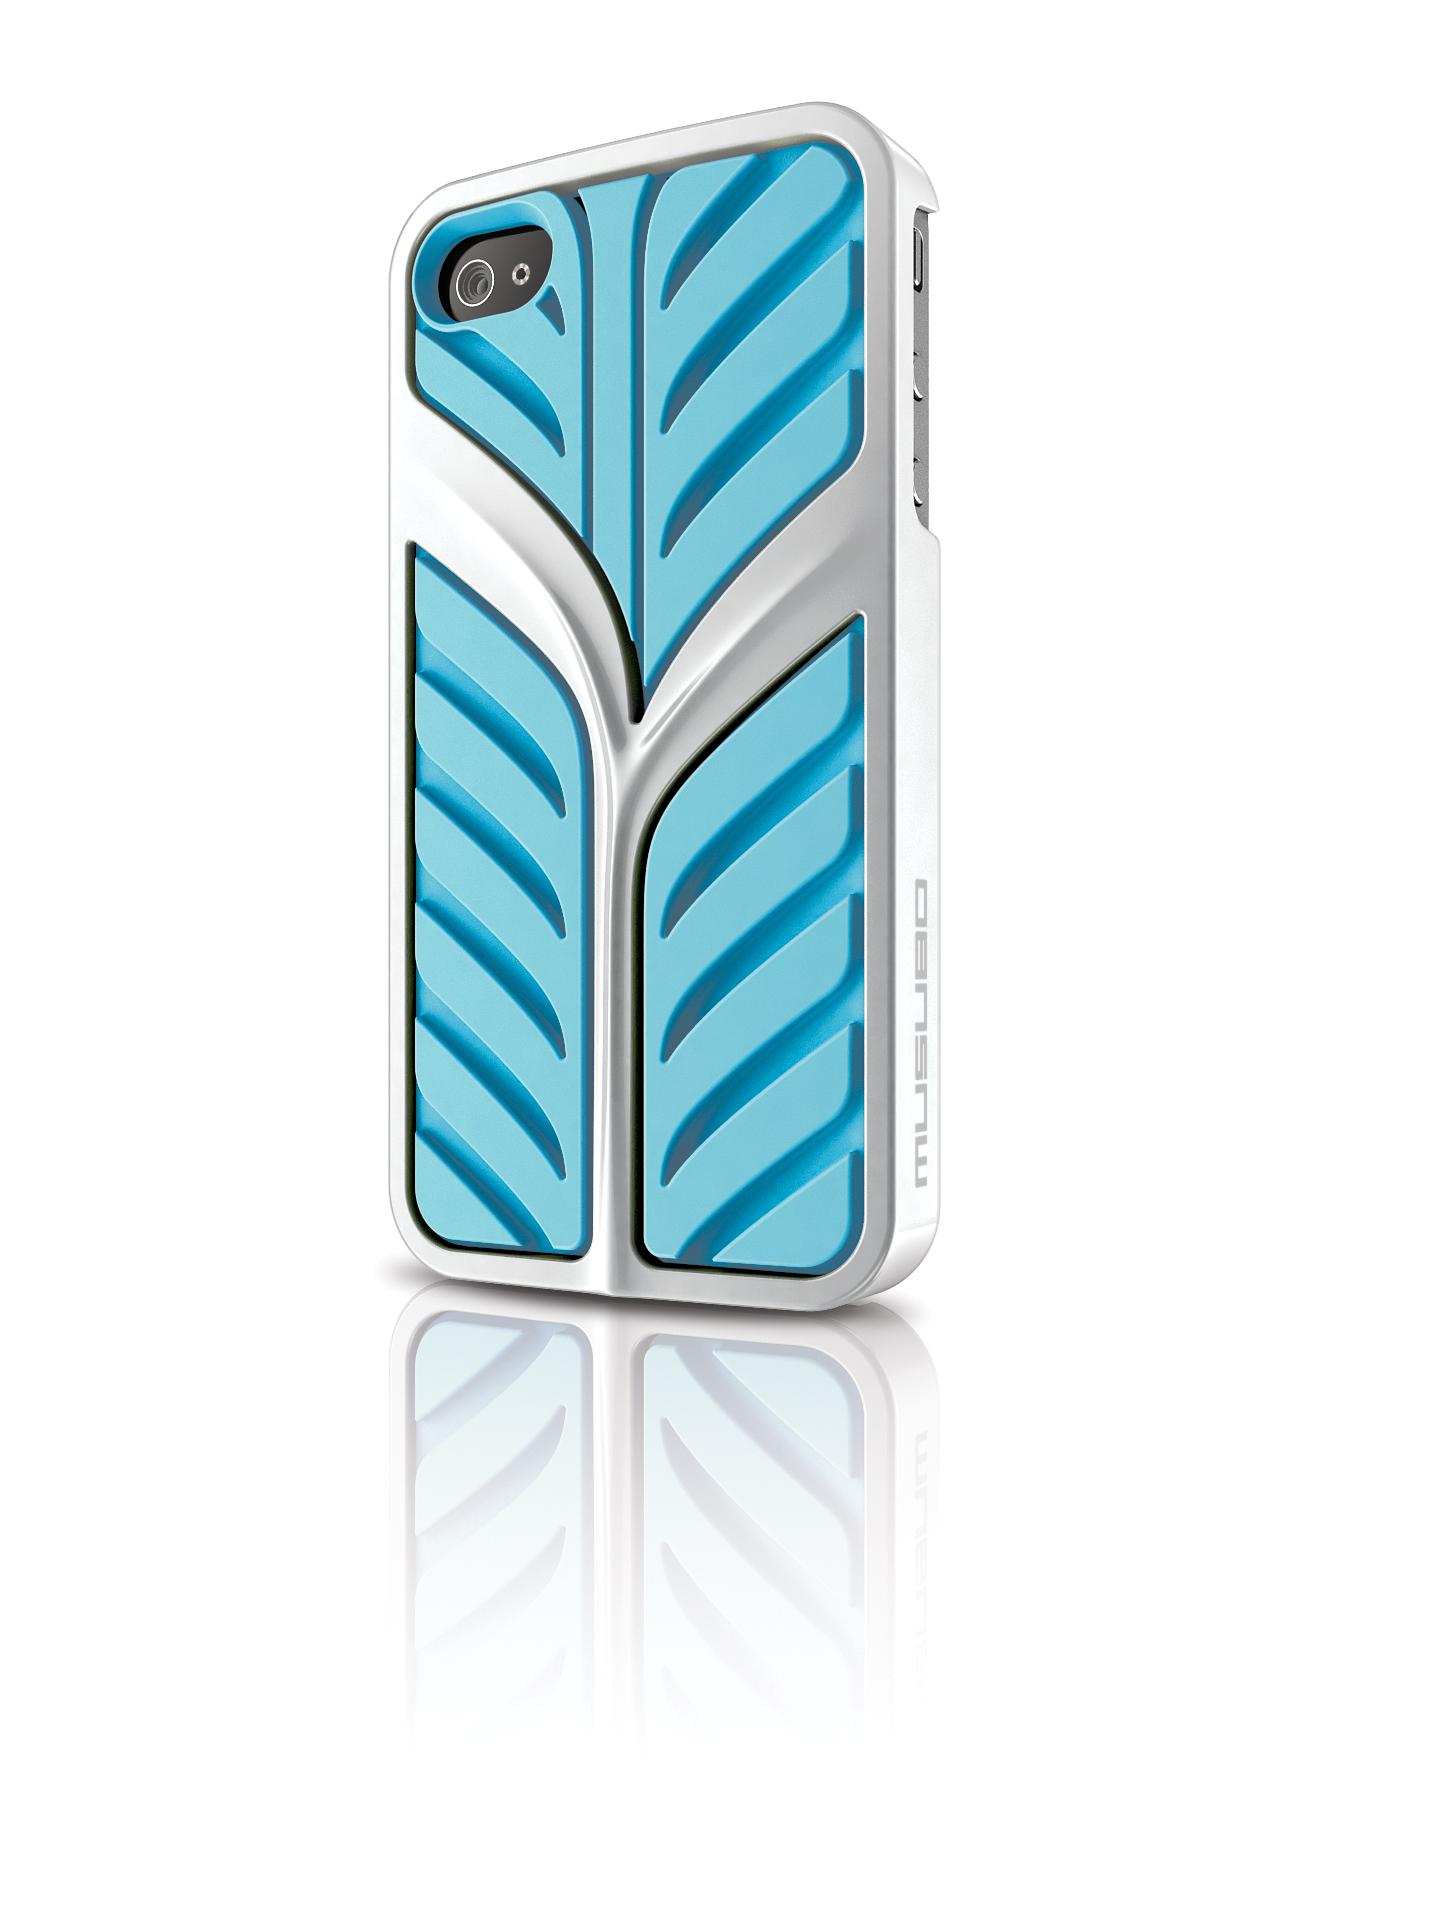 original-musubo-case-eden-iphone-4s4g-blue-retail